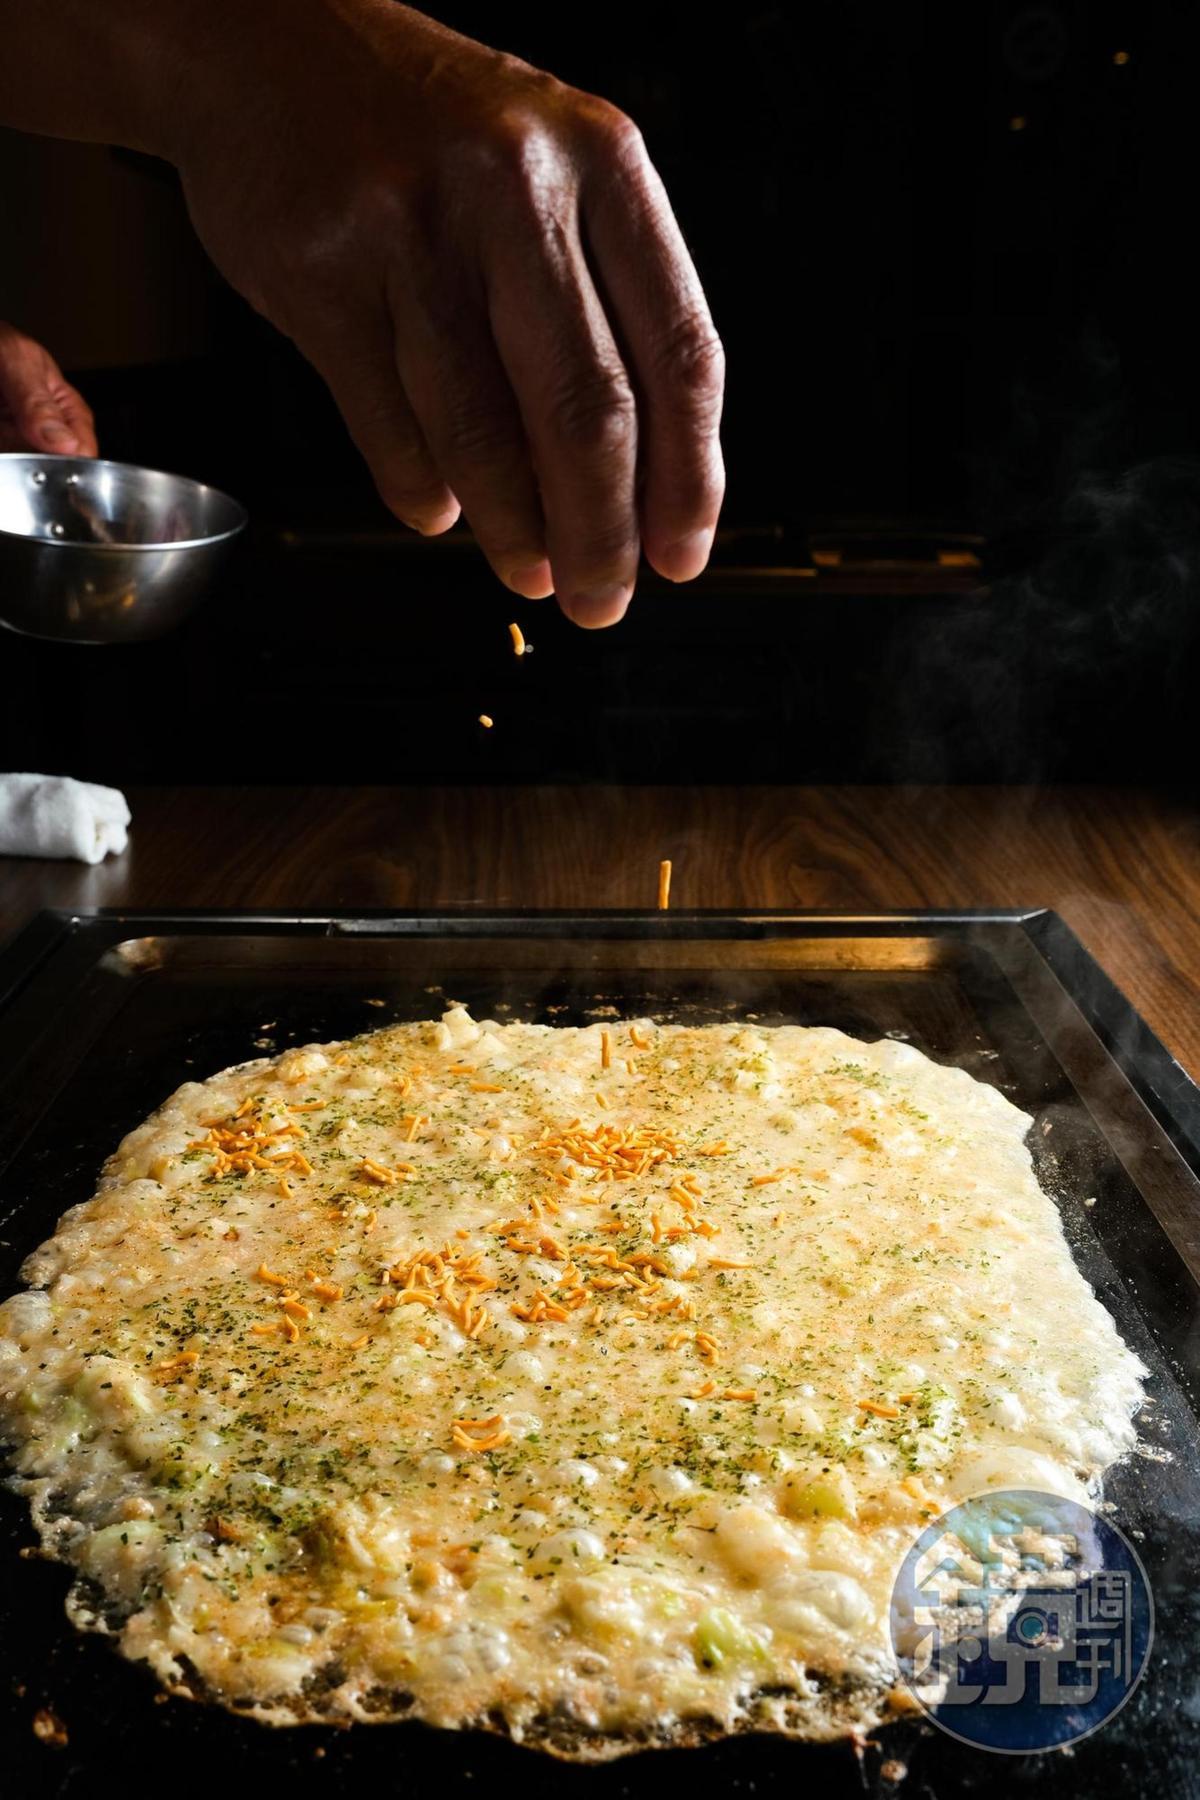 還可依喜好加點配料,例如「模範生點心餅」增添脆感和醬油香,很有傳統駄菓子店風格。(30元/份)